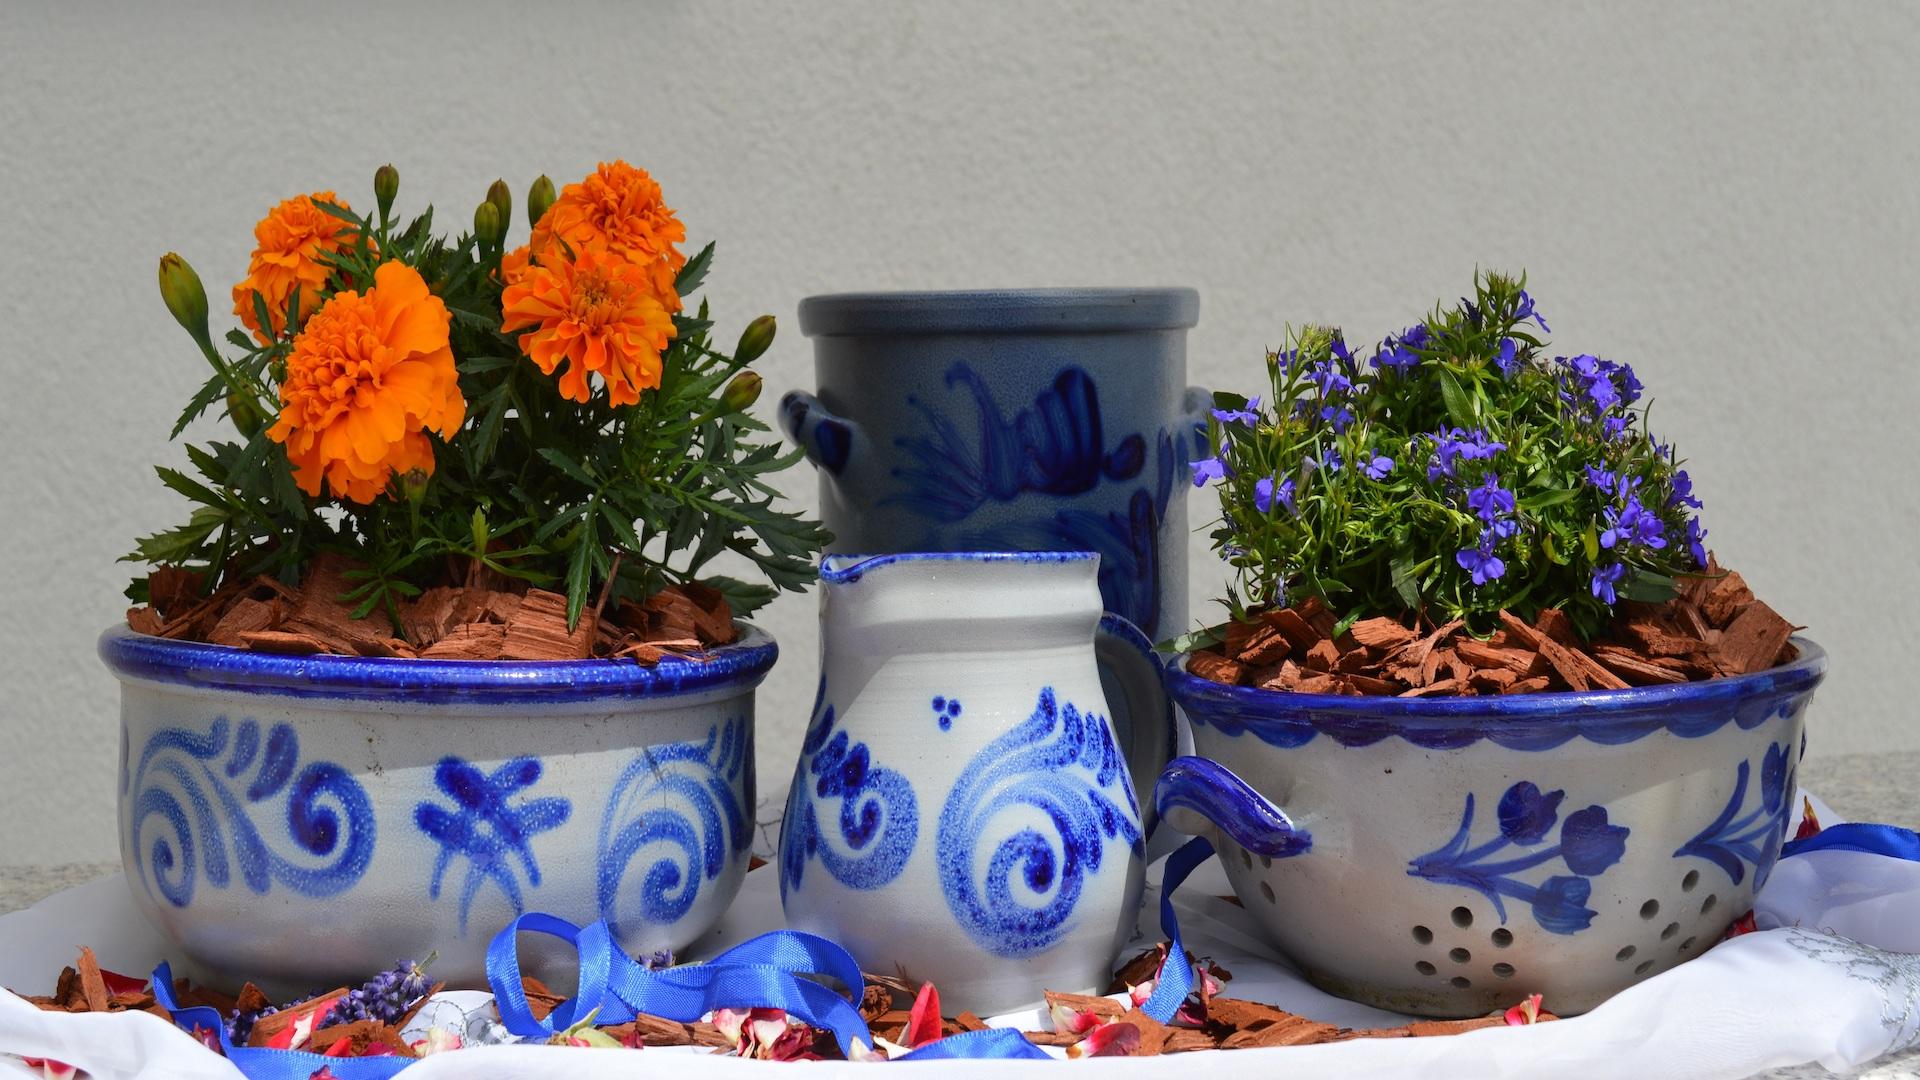 Buy Garden Decor at Duqaa.com